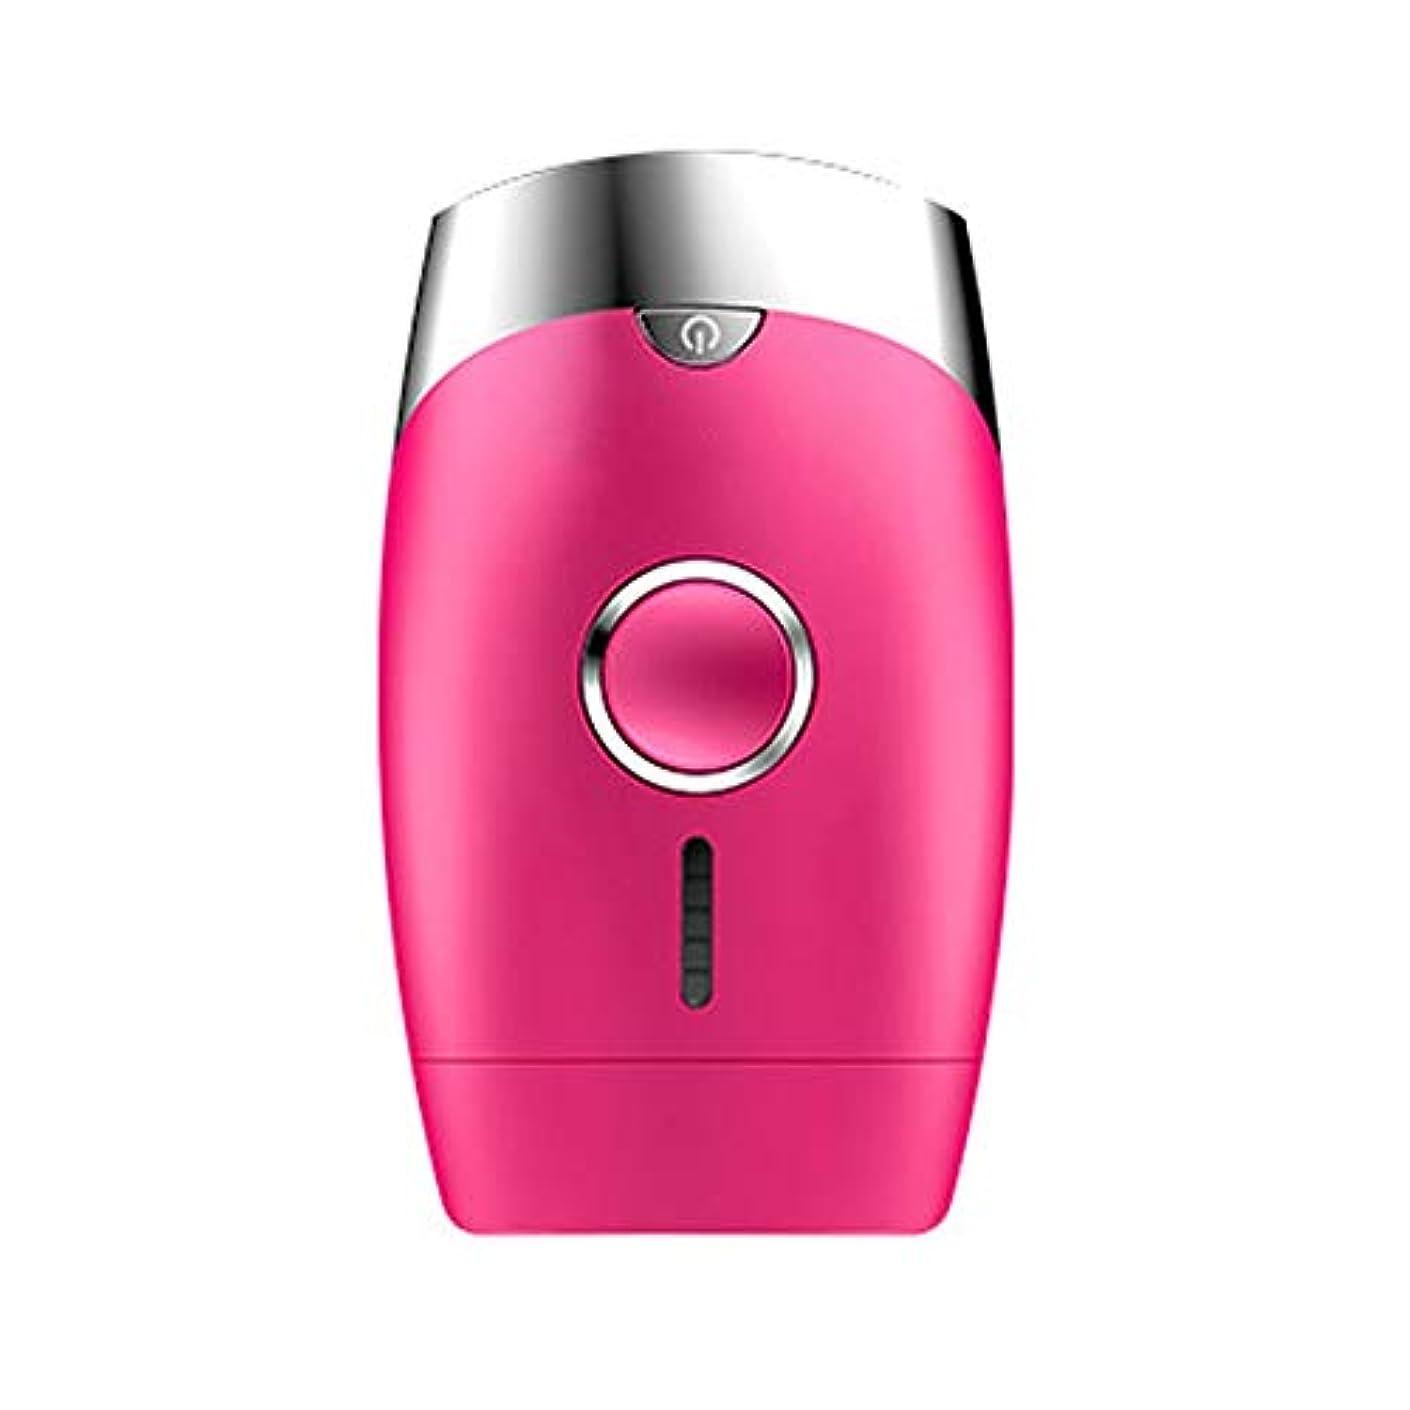 おとこ器官原油ピンク、5スピード調整、インテリジェント家庭用痛みのない凝固点ヘアリムーバー、シングルフラッシュ/連続フラッシュ、サイズ13.9 X 8.3 X 4.8 Cm 髪以外はきれい (Color : Pink)